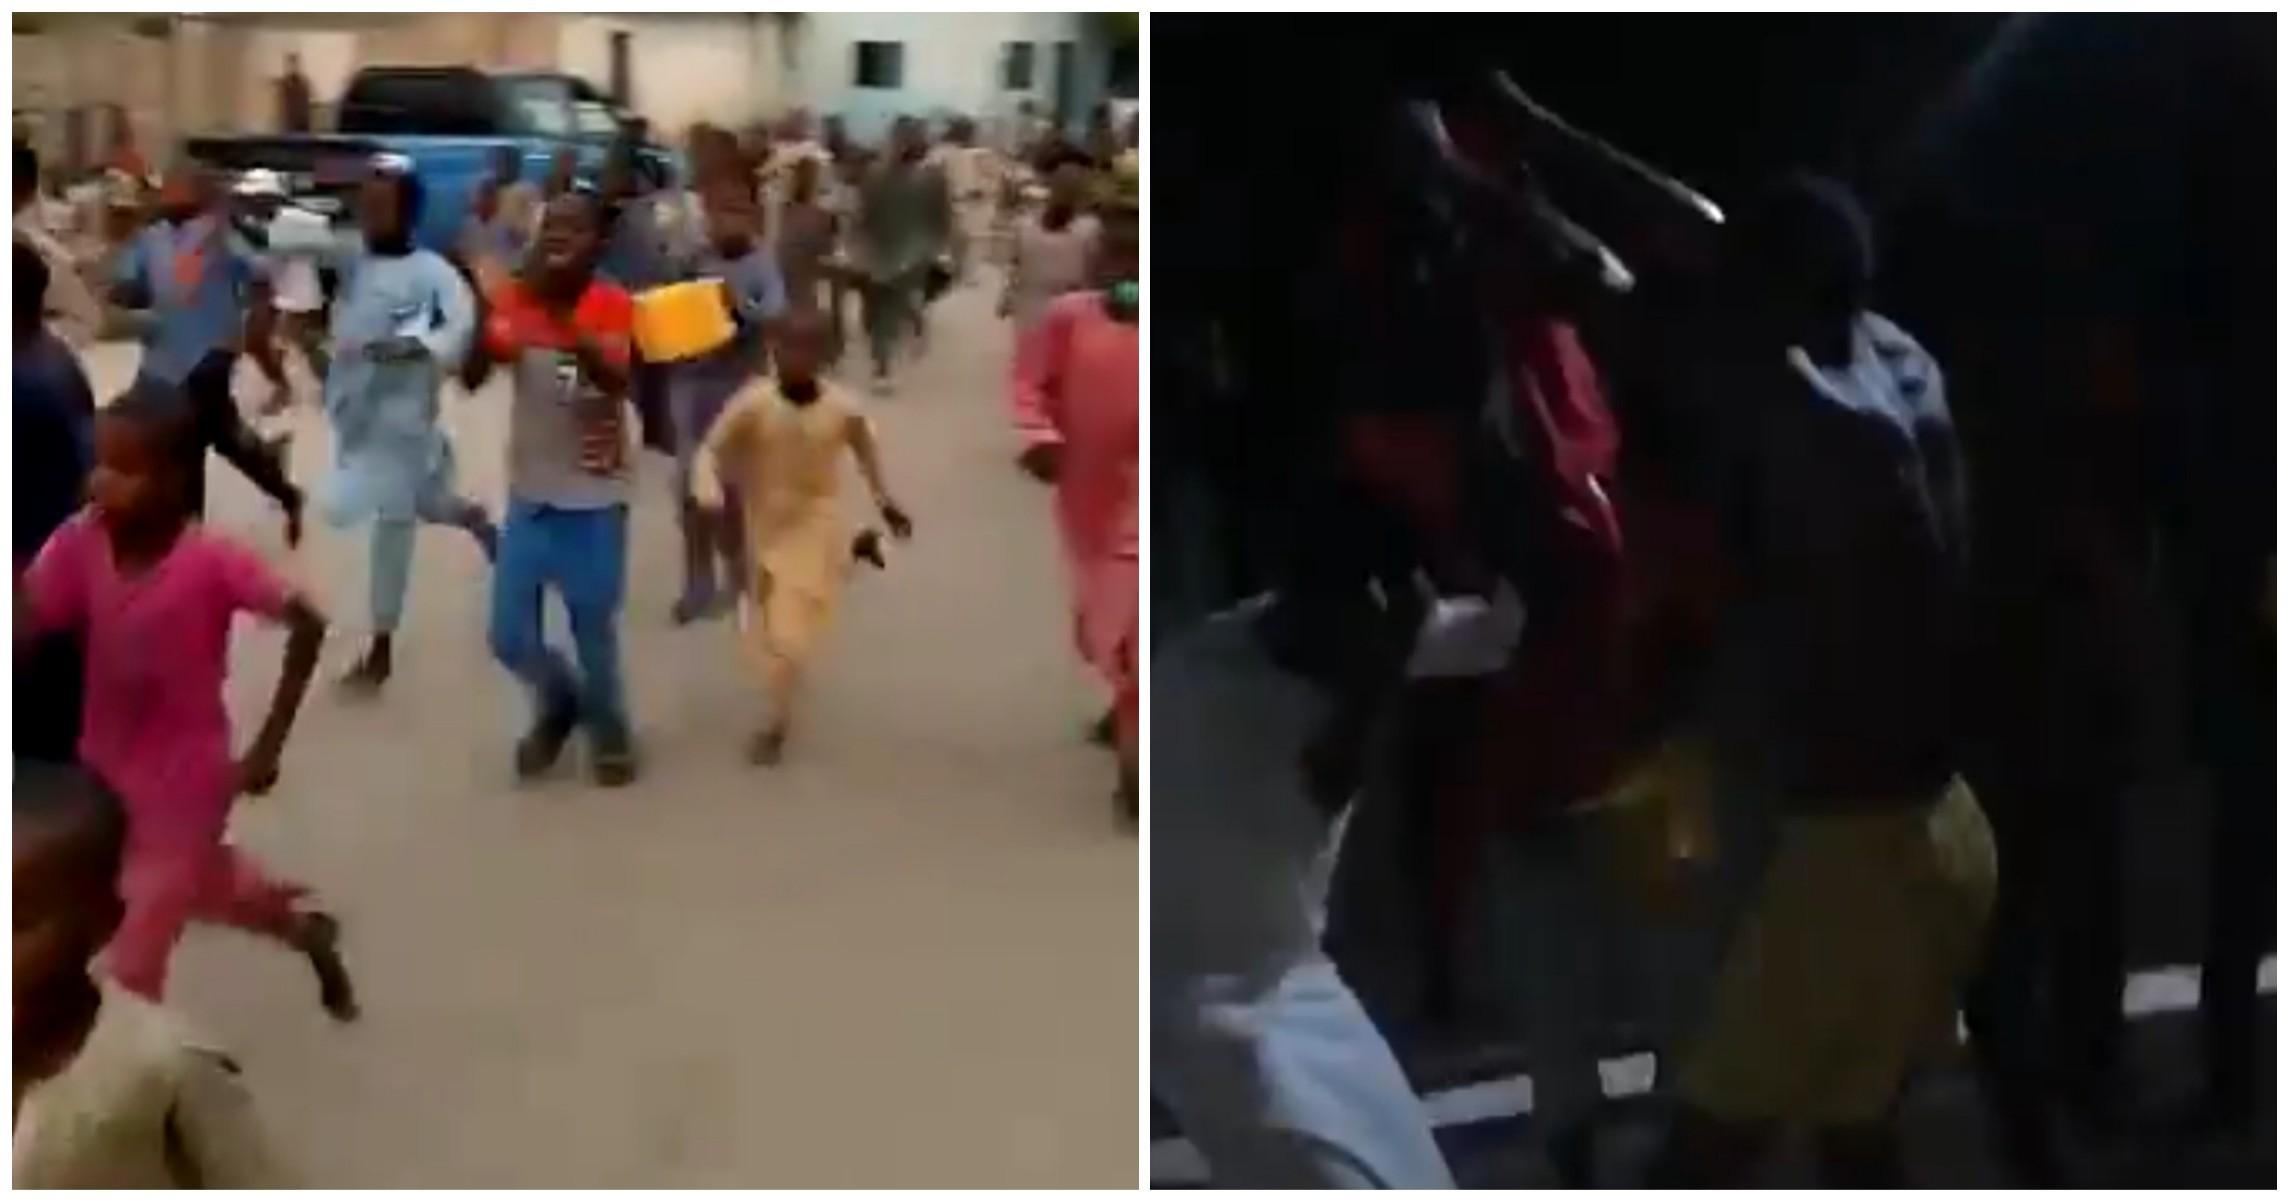 NEPA Oyoyo:Kalli Bidiyon yanda Matasa suka cika Titunan Borno suna murnar dawowar wutar lantarki, wani hadda tube kayan jikinsa, bayan sun shafe watanni 2 cikin duhu